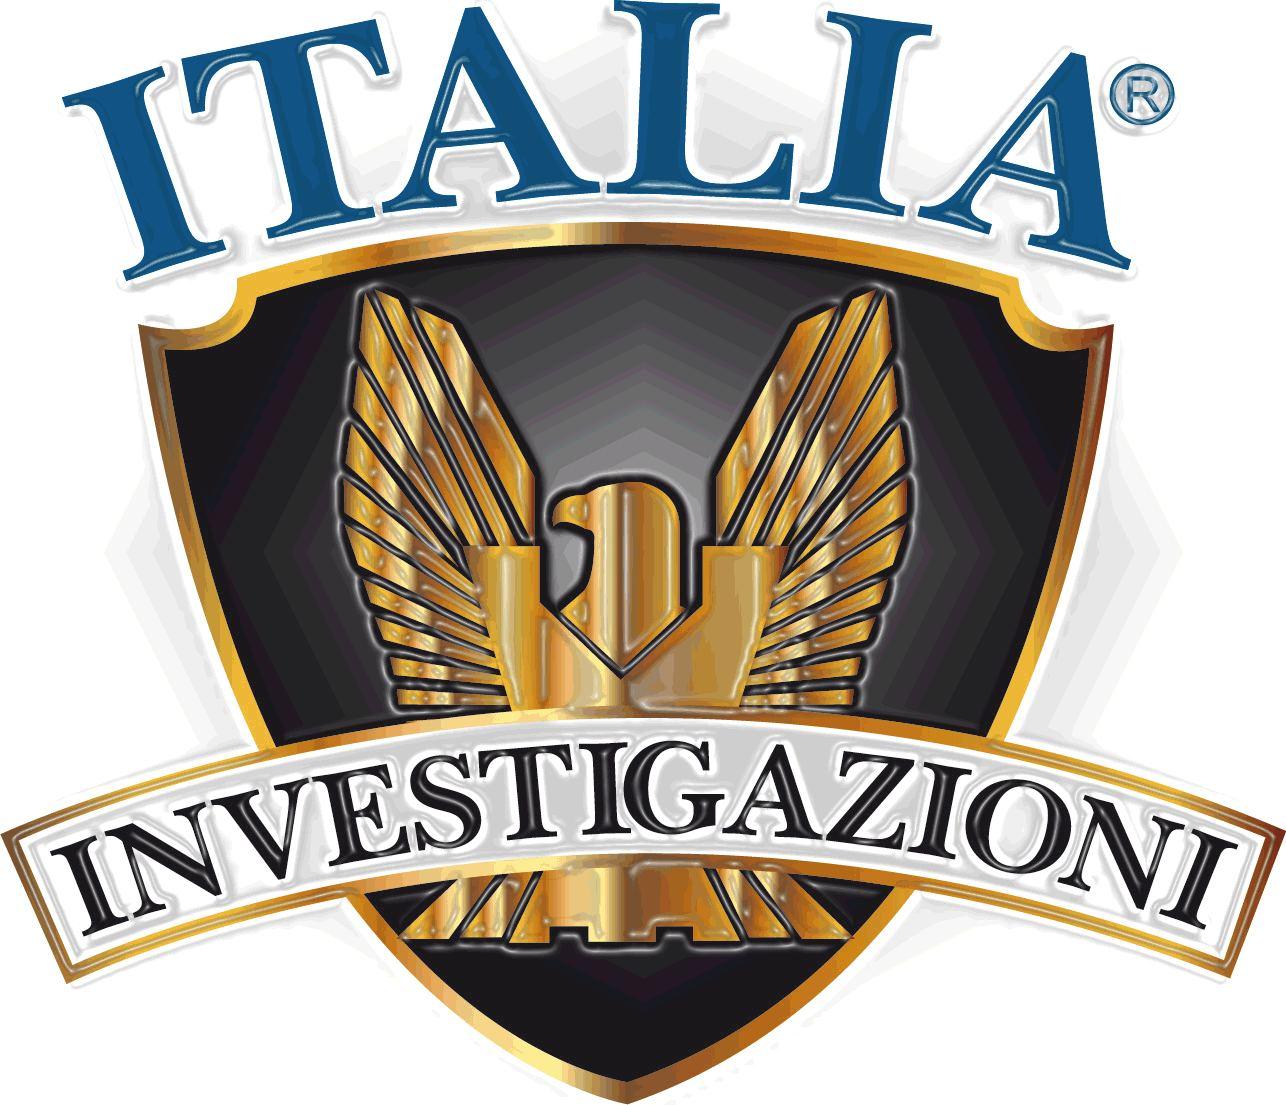 Italia Investigazioni